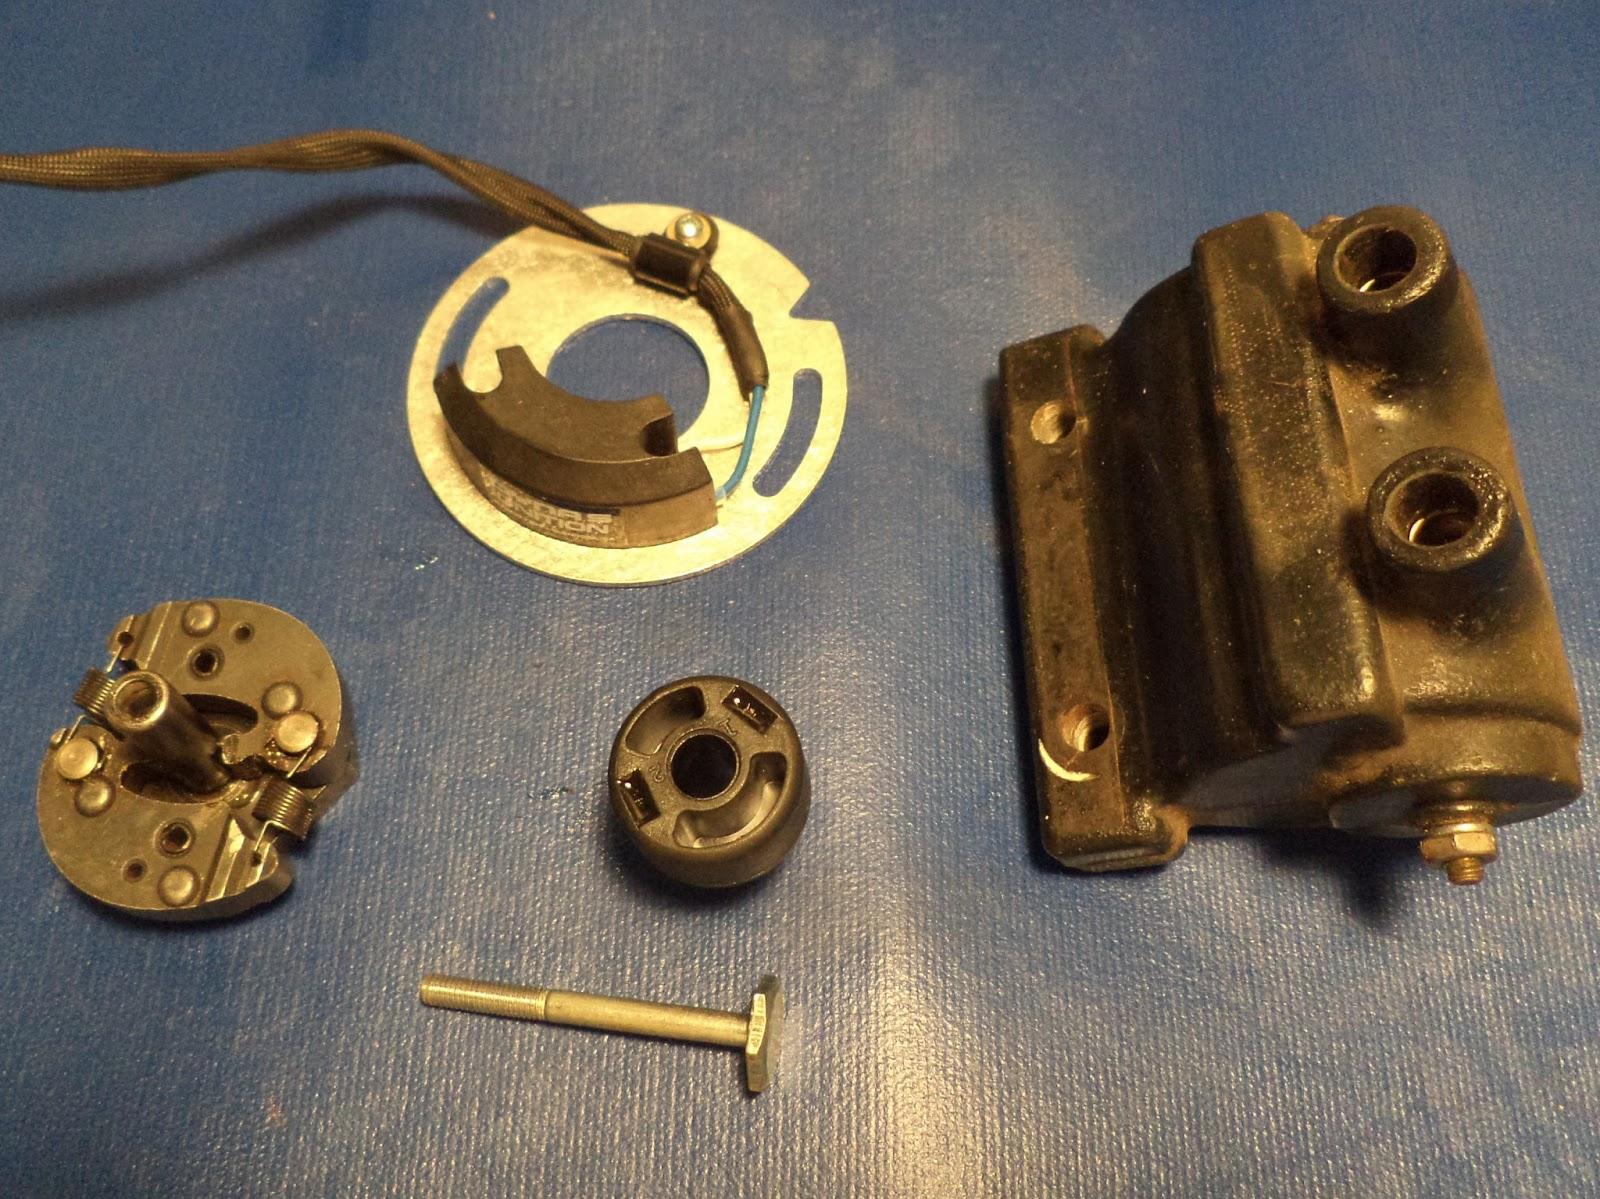 Dyna S Wiring Diagram Mk4 Jetta Radio Tear It Up Fix Repeat Goodbye Hi 4 Hello